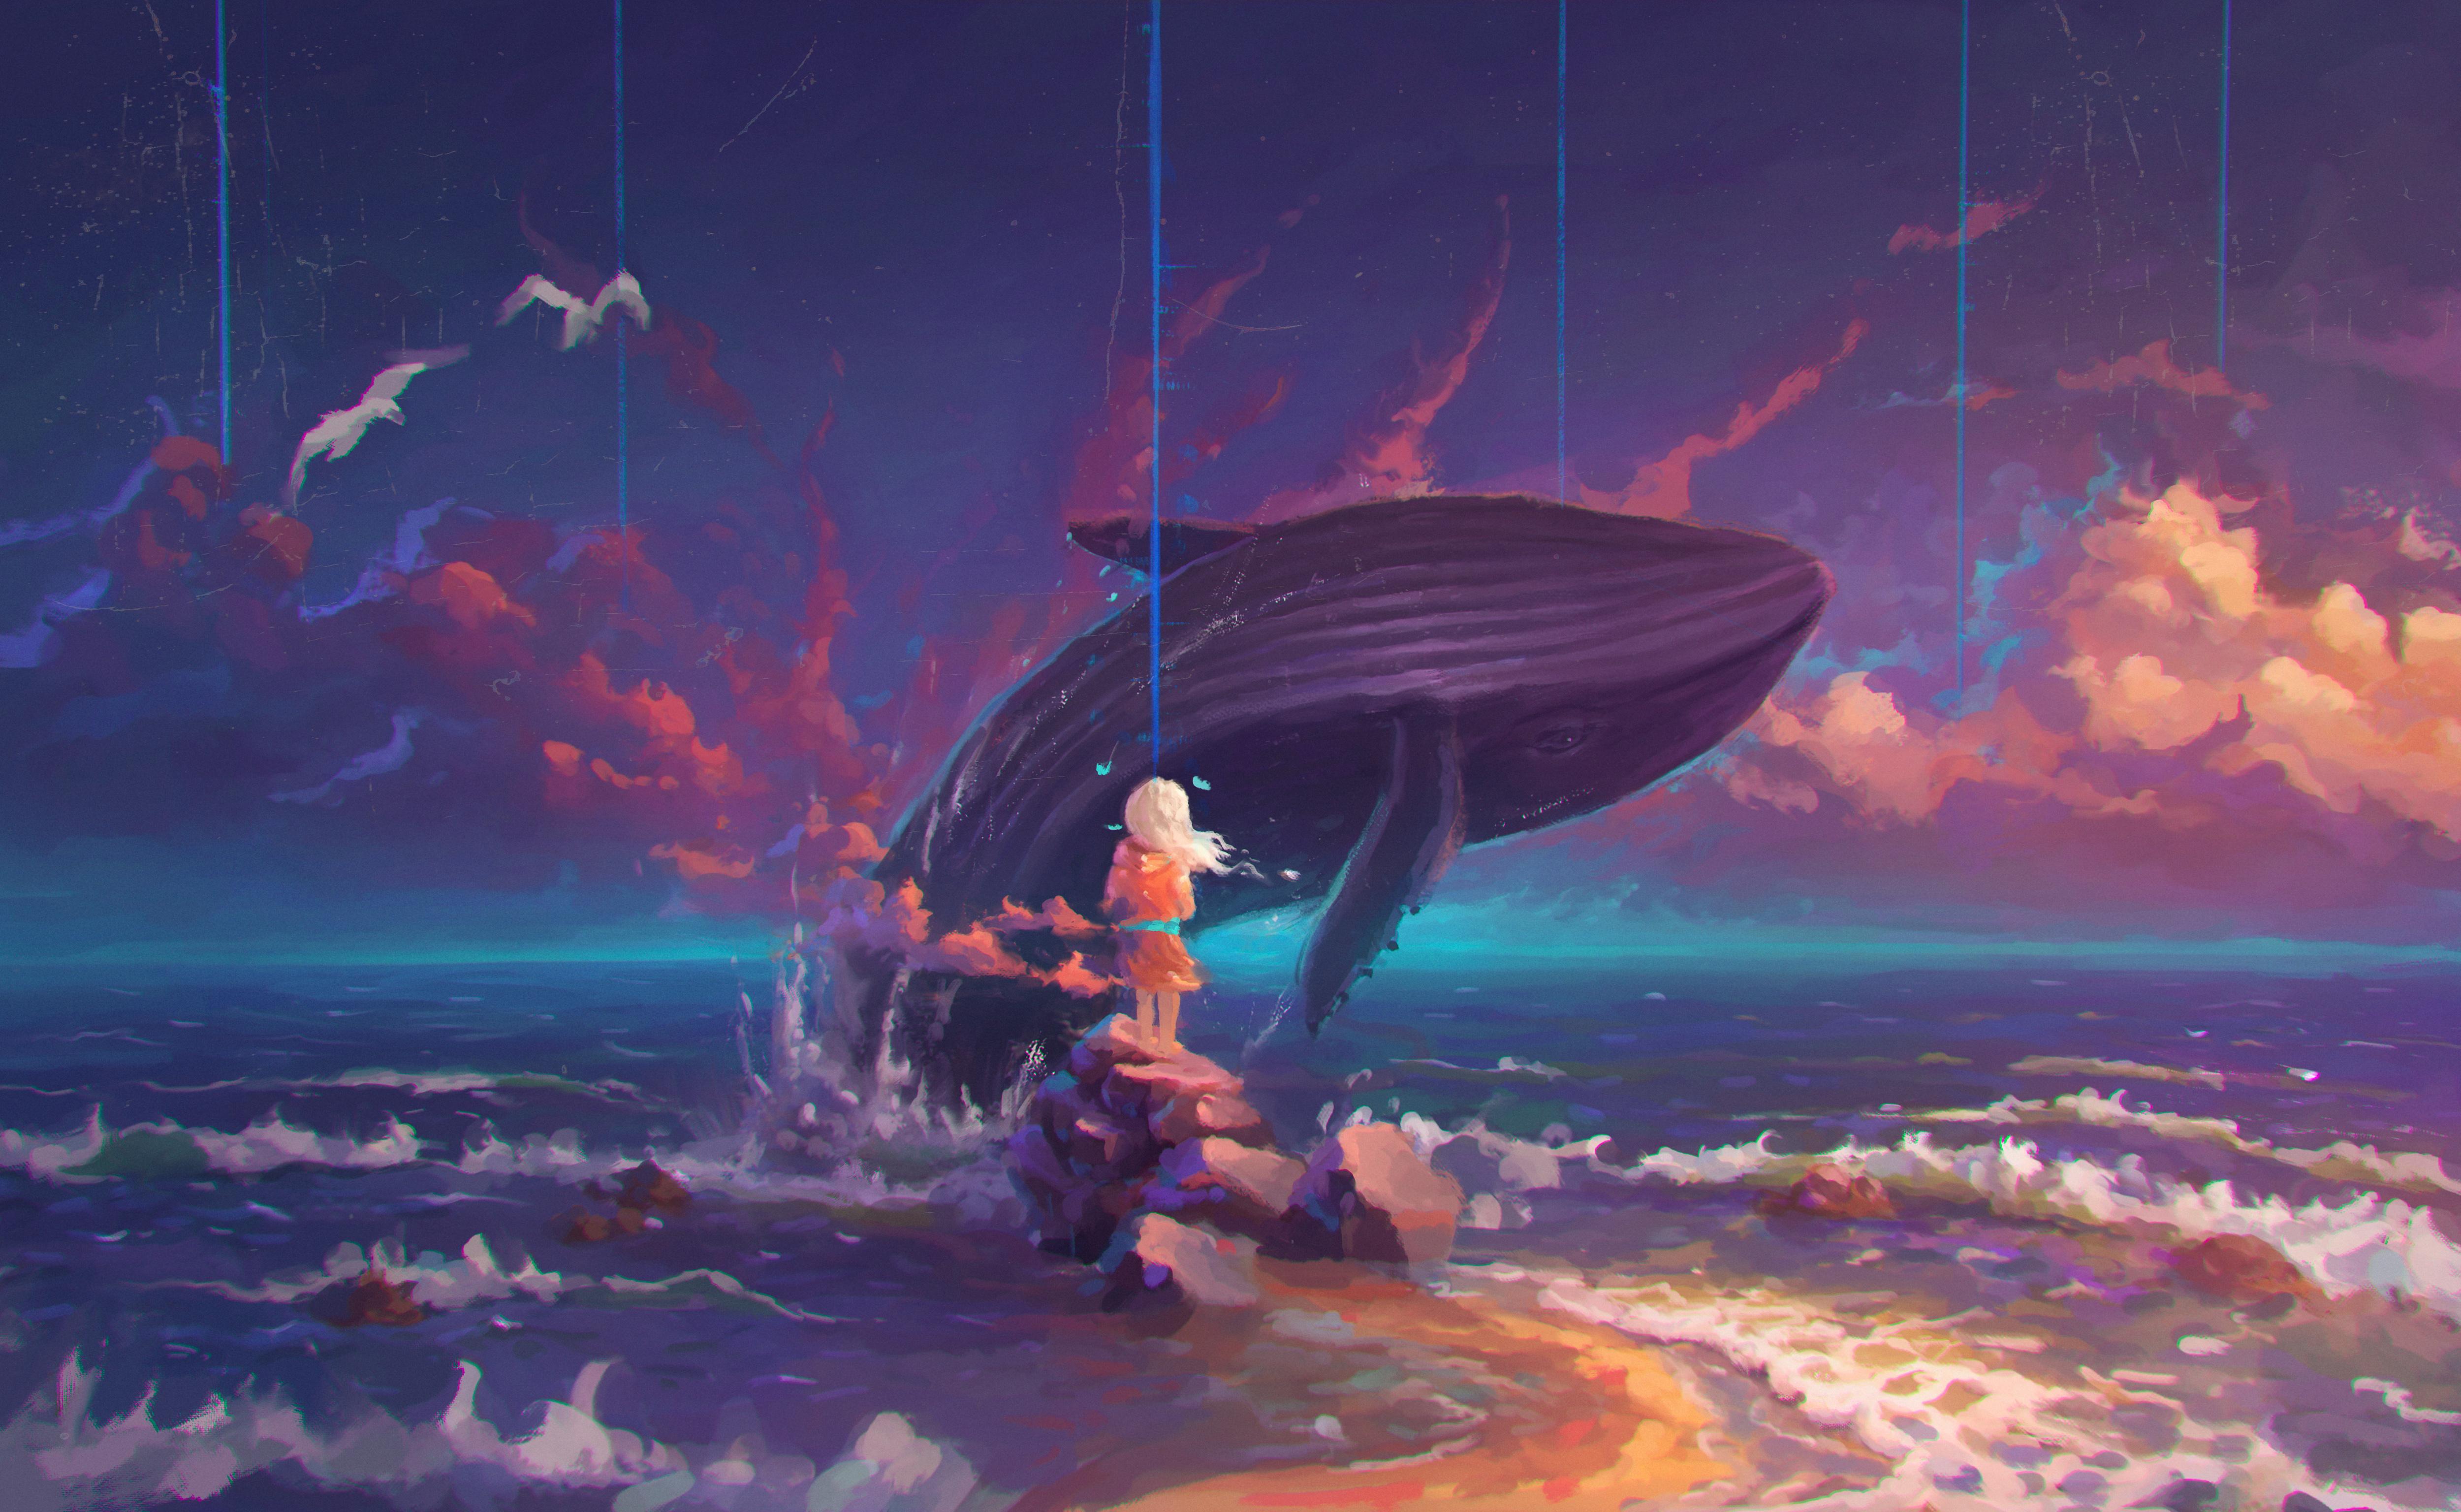 Fondos de pantalla Arte de ballena saltando en el oceano